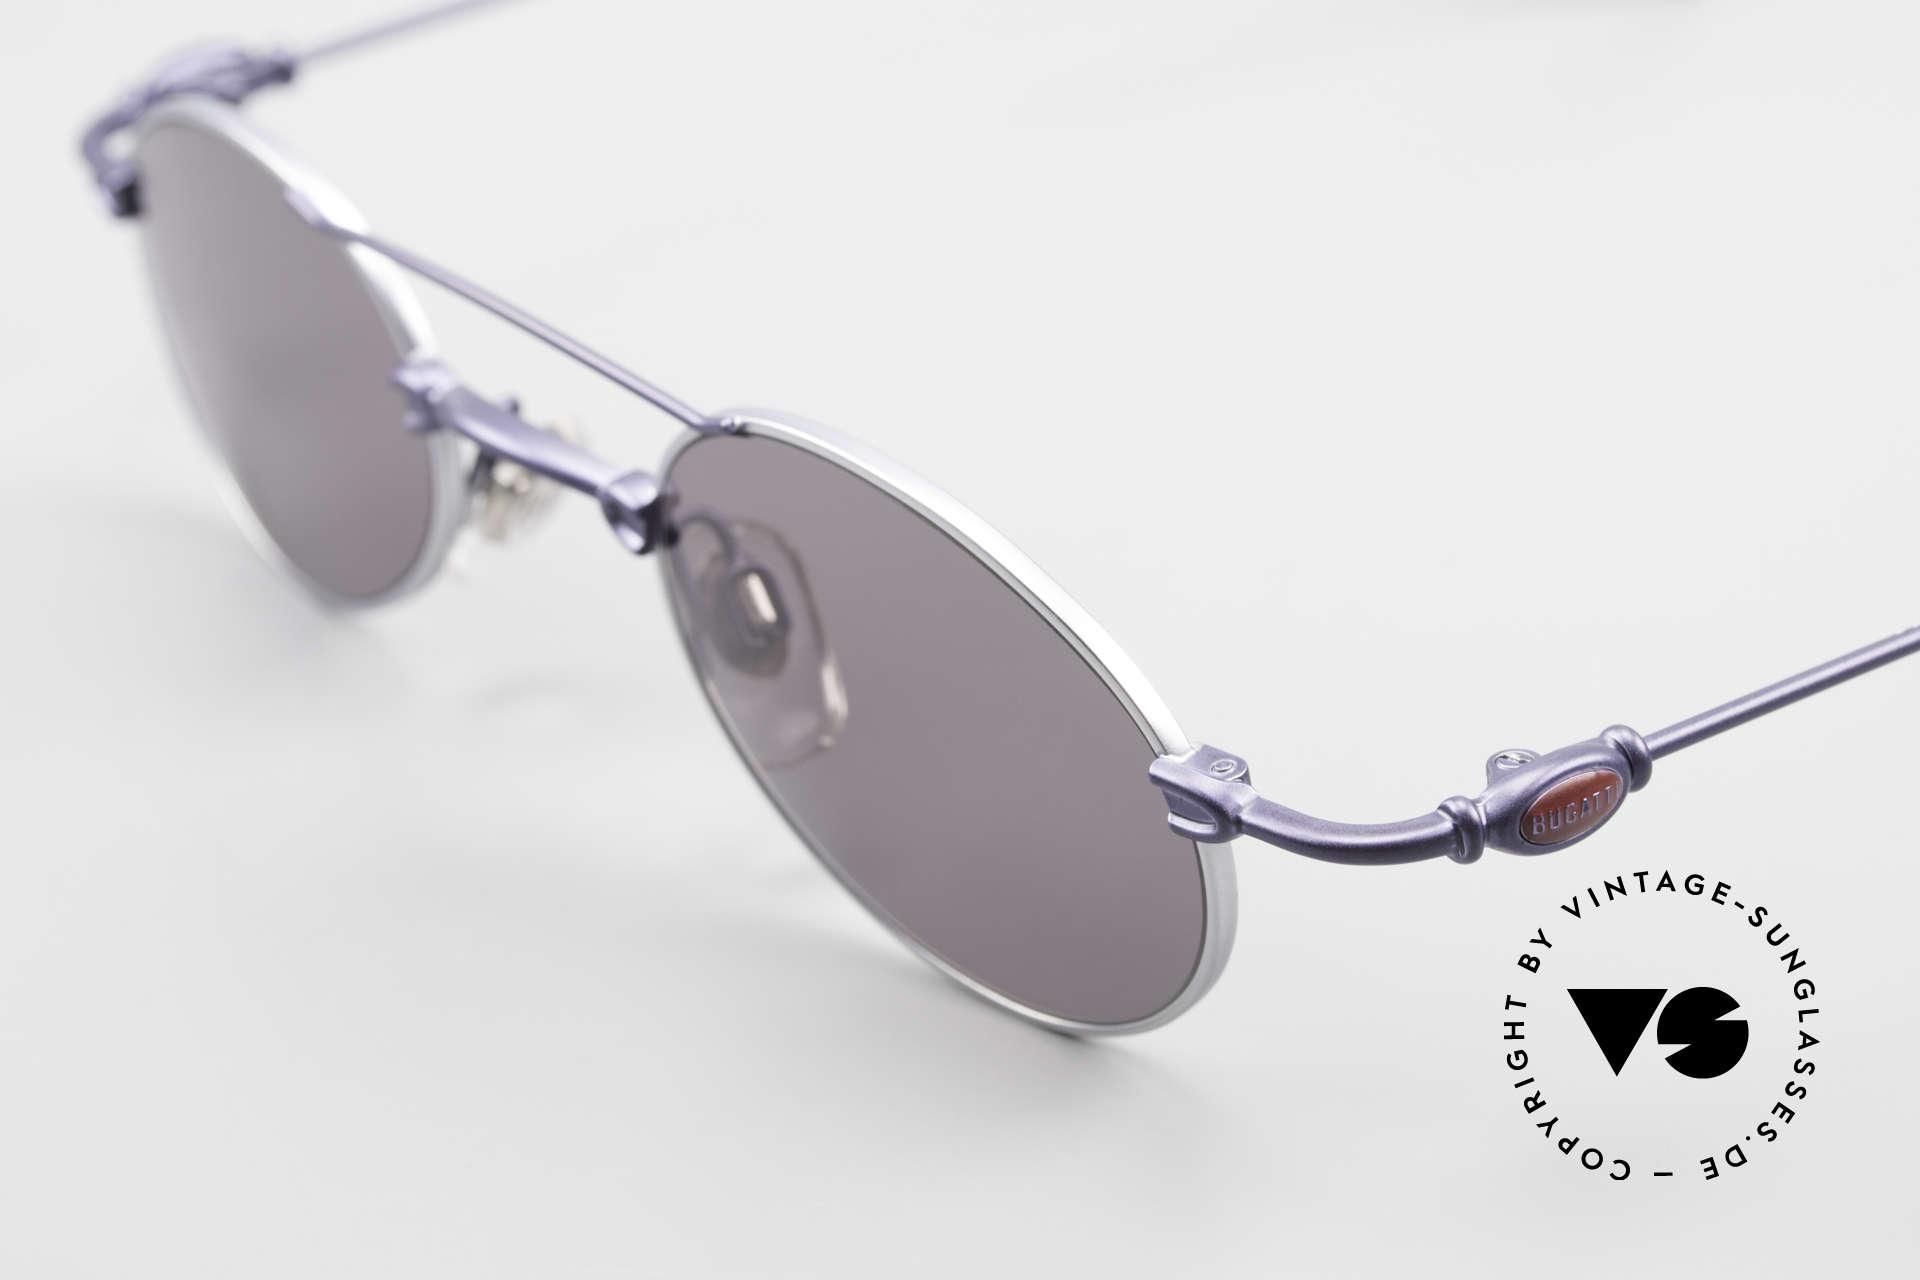 Bugatti 10864 Ovale Luxus Sonnenbrille Men, ungetragene Rarität (inkl. orig. Hartetui von Bugatti), Passend für Herren